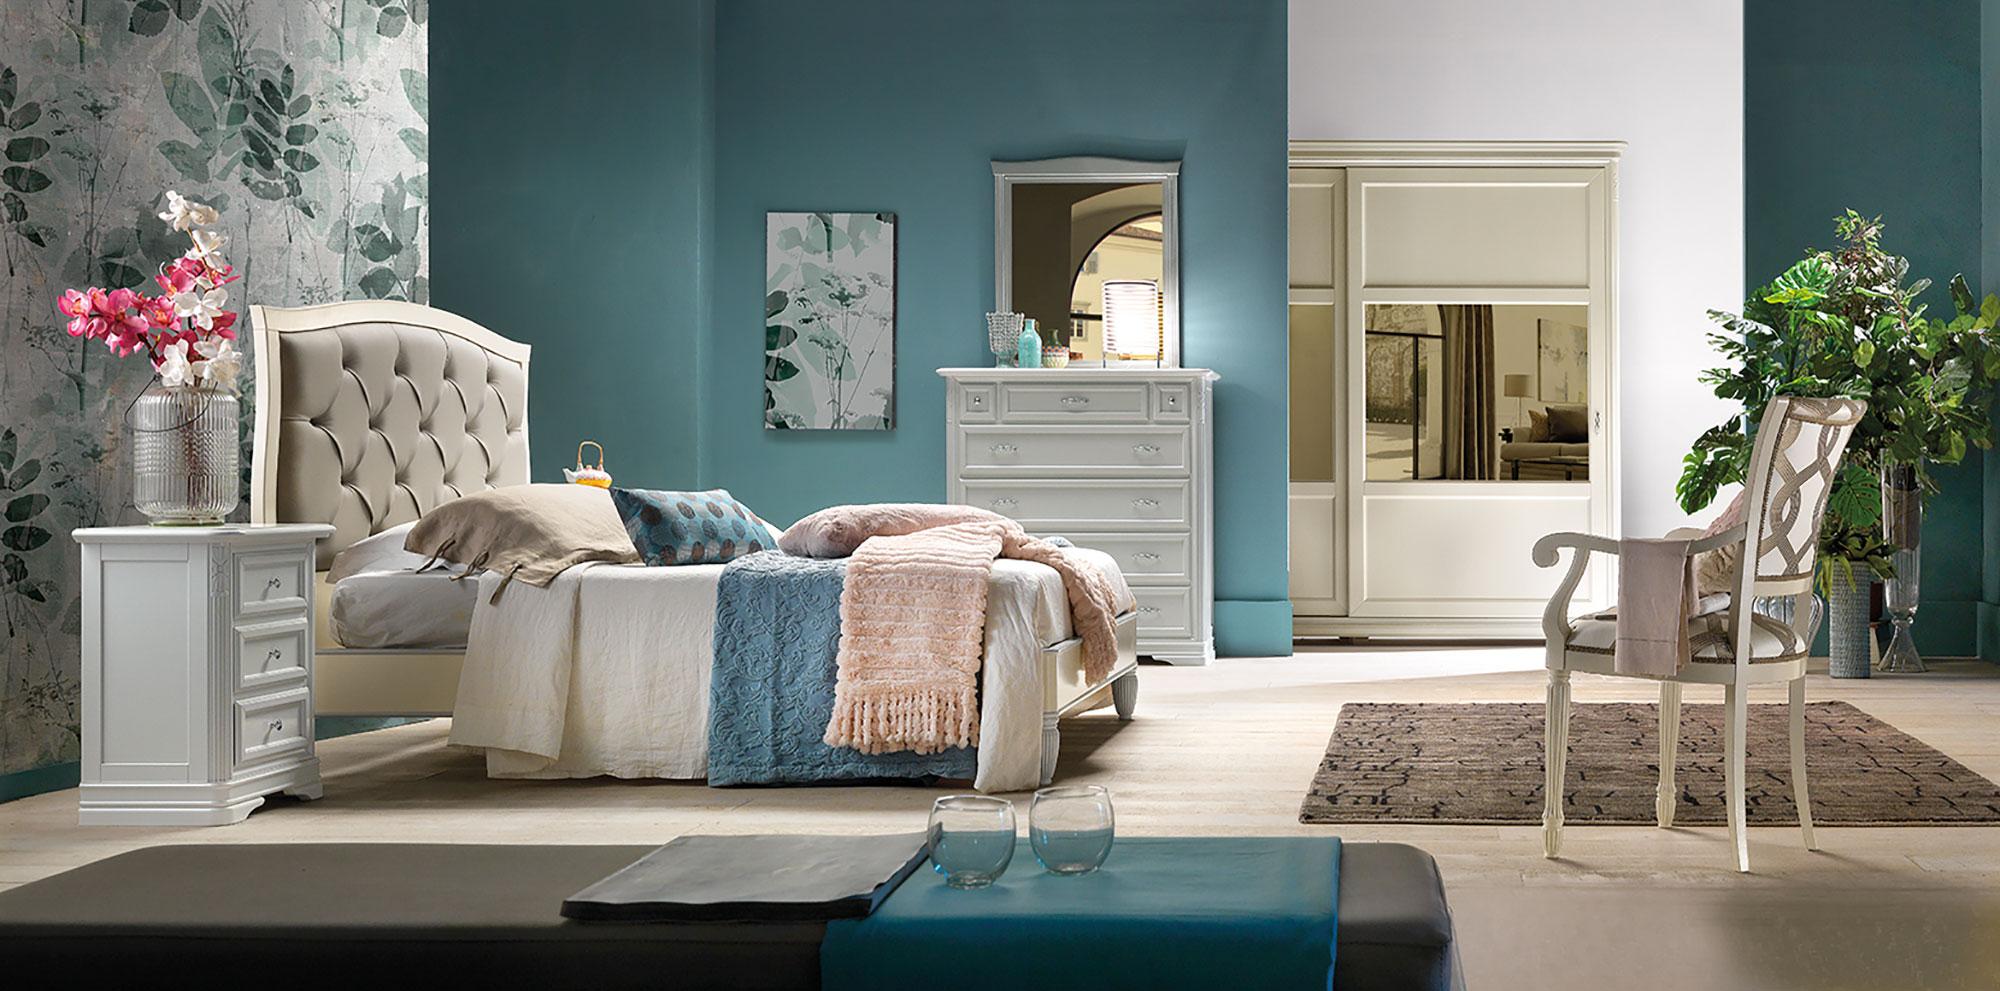 Camera da letto con lavorazioni intagliate completa in finitura laccata per un raffinato ambiente in stile classico